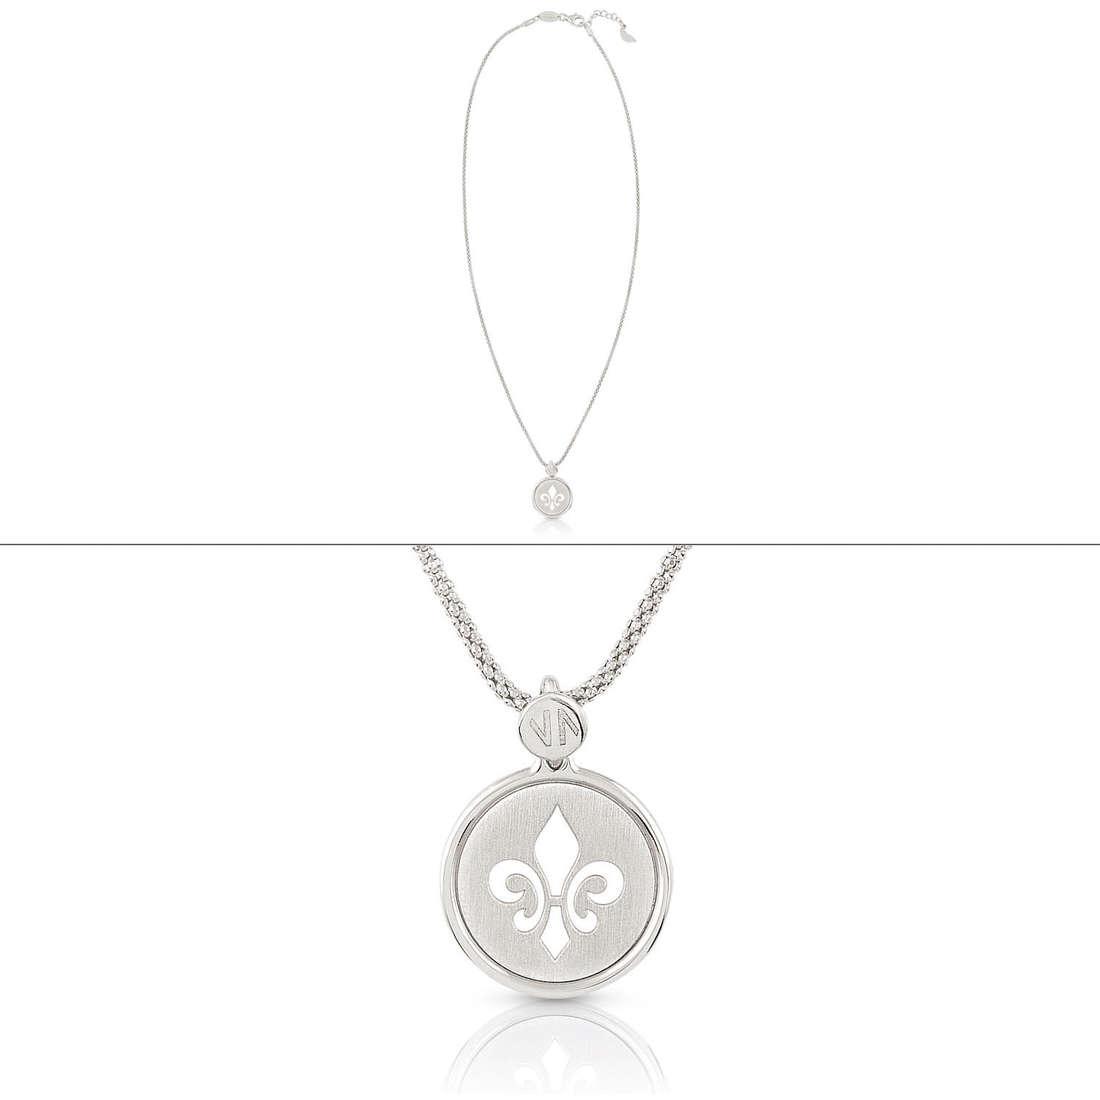 collier unisex bijoux Nomination 145405/010